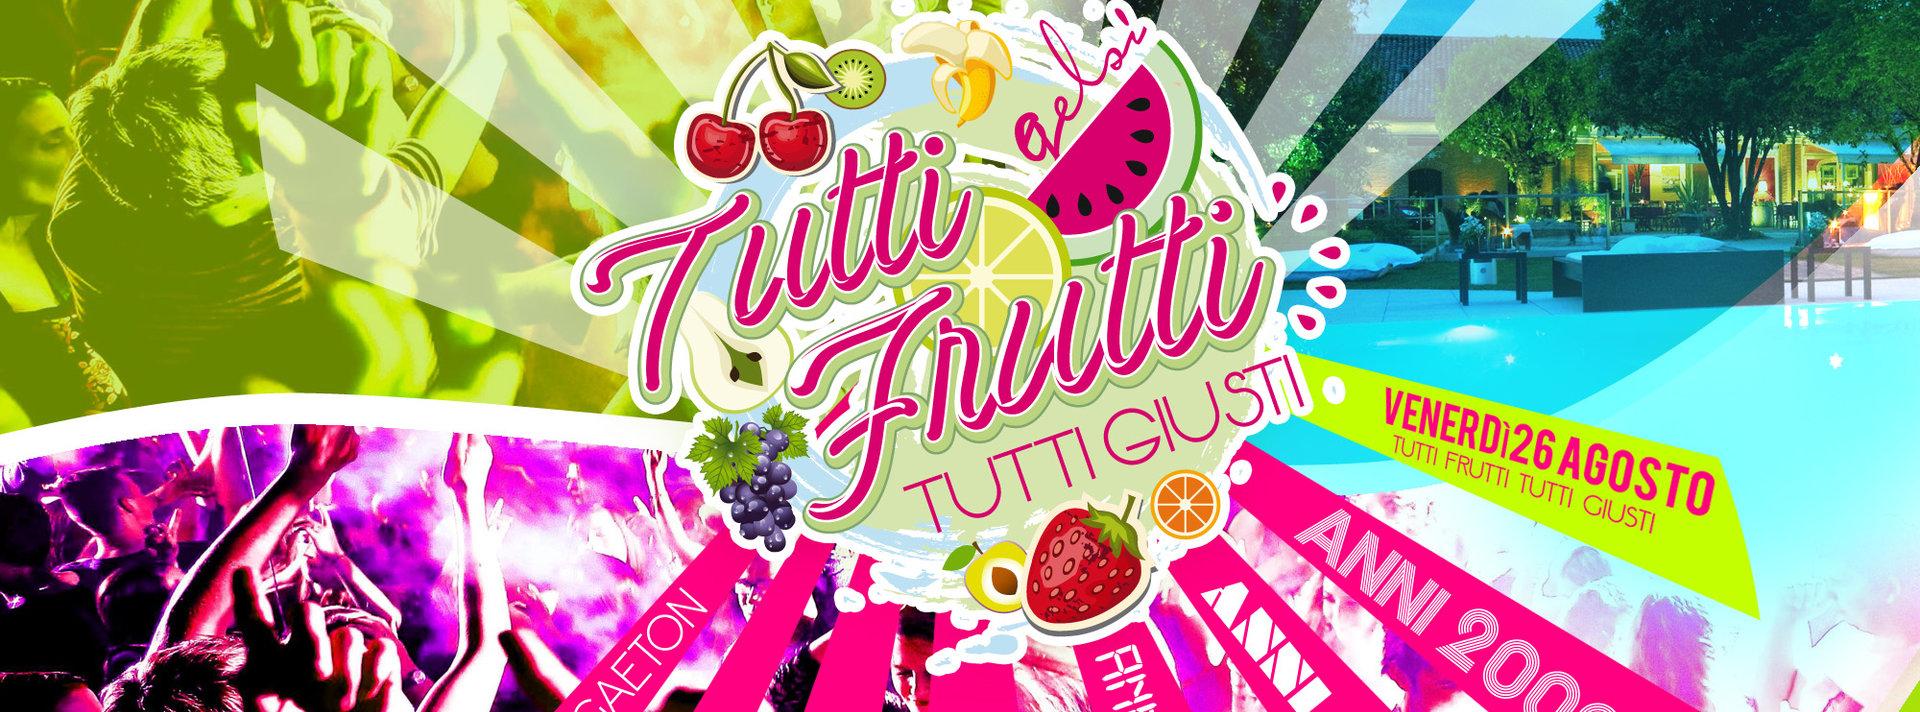 festa tutti frutti tutti giusti 26 luglio 2016